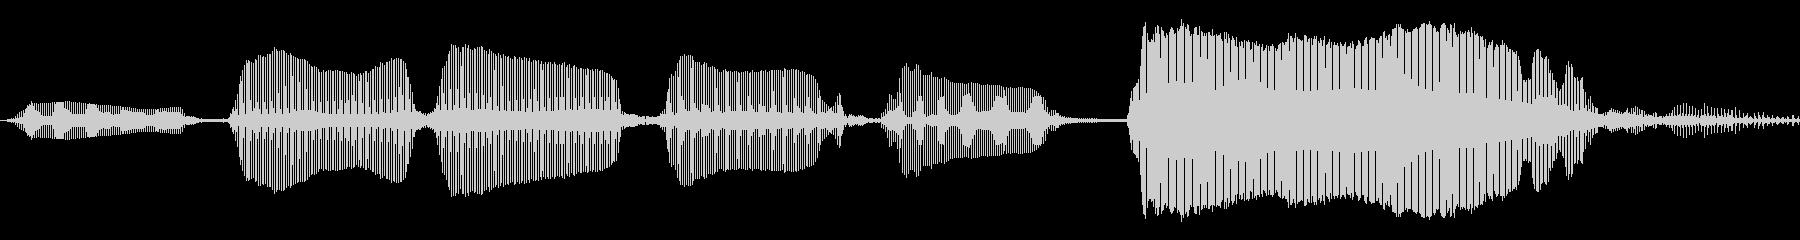 衝撃的なラテントランペットアクセント1の未再生の波形